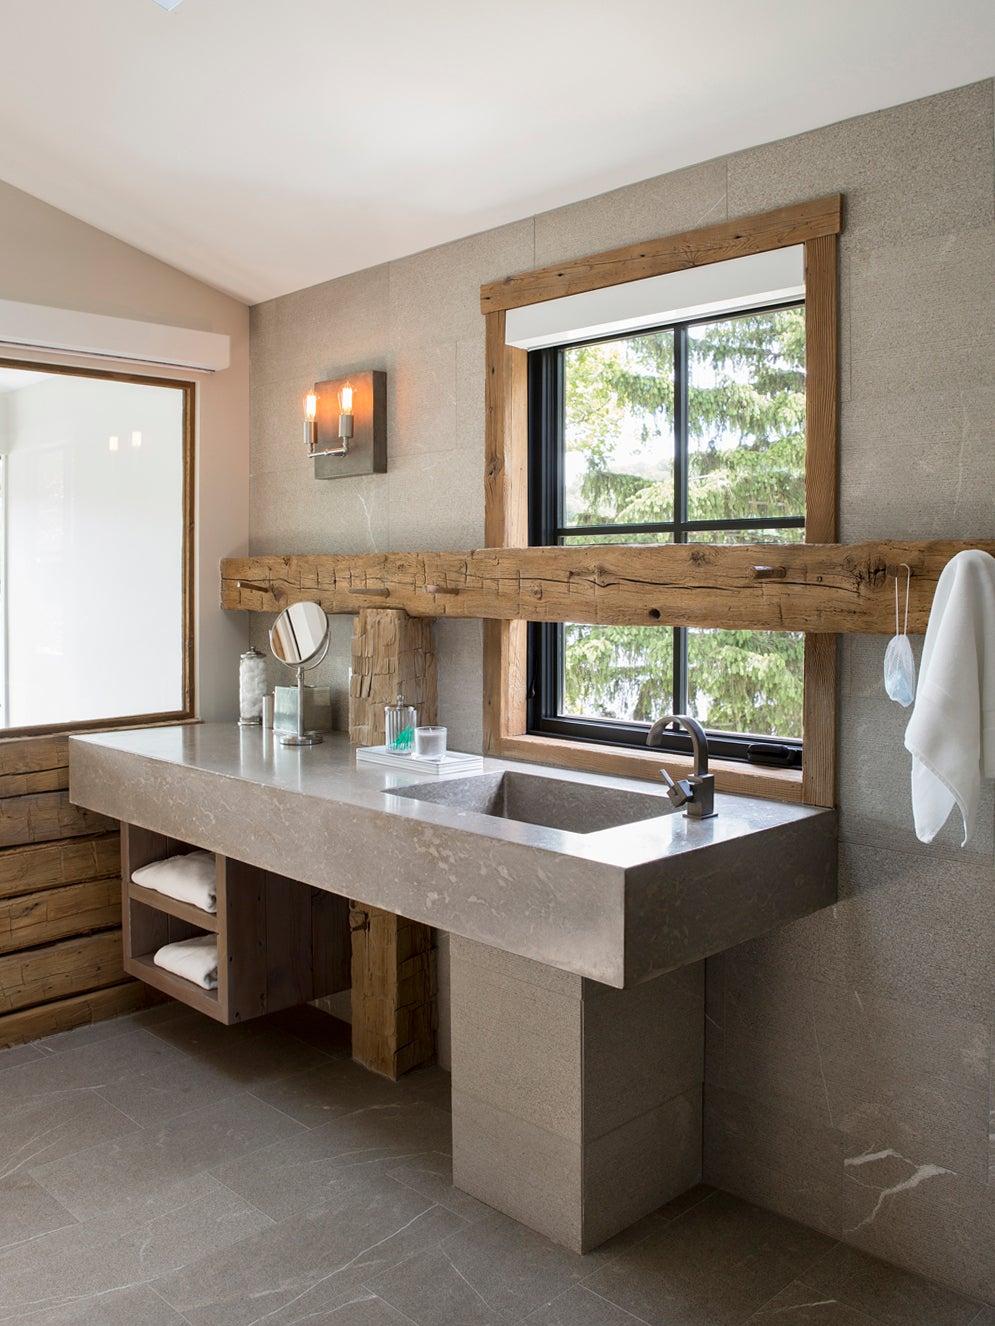 a bathroom vanity